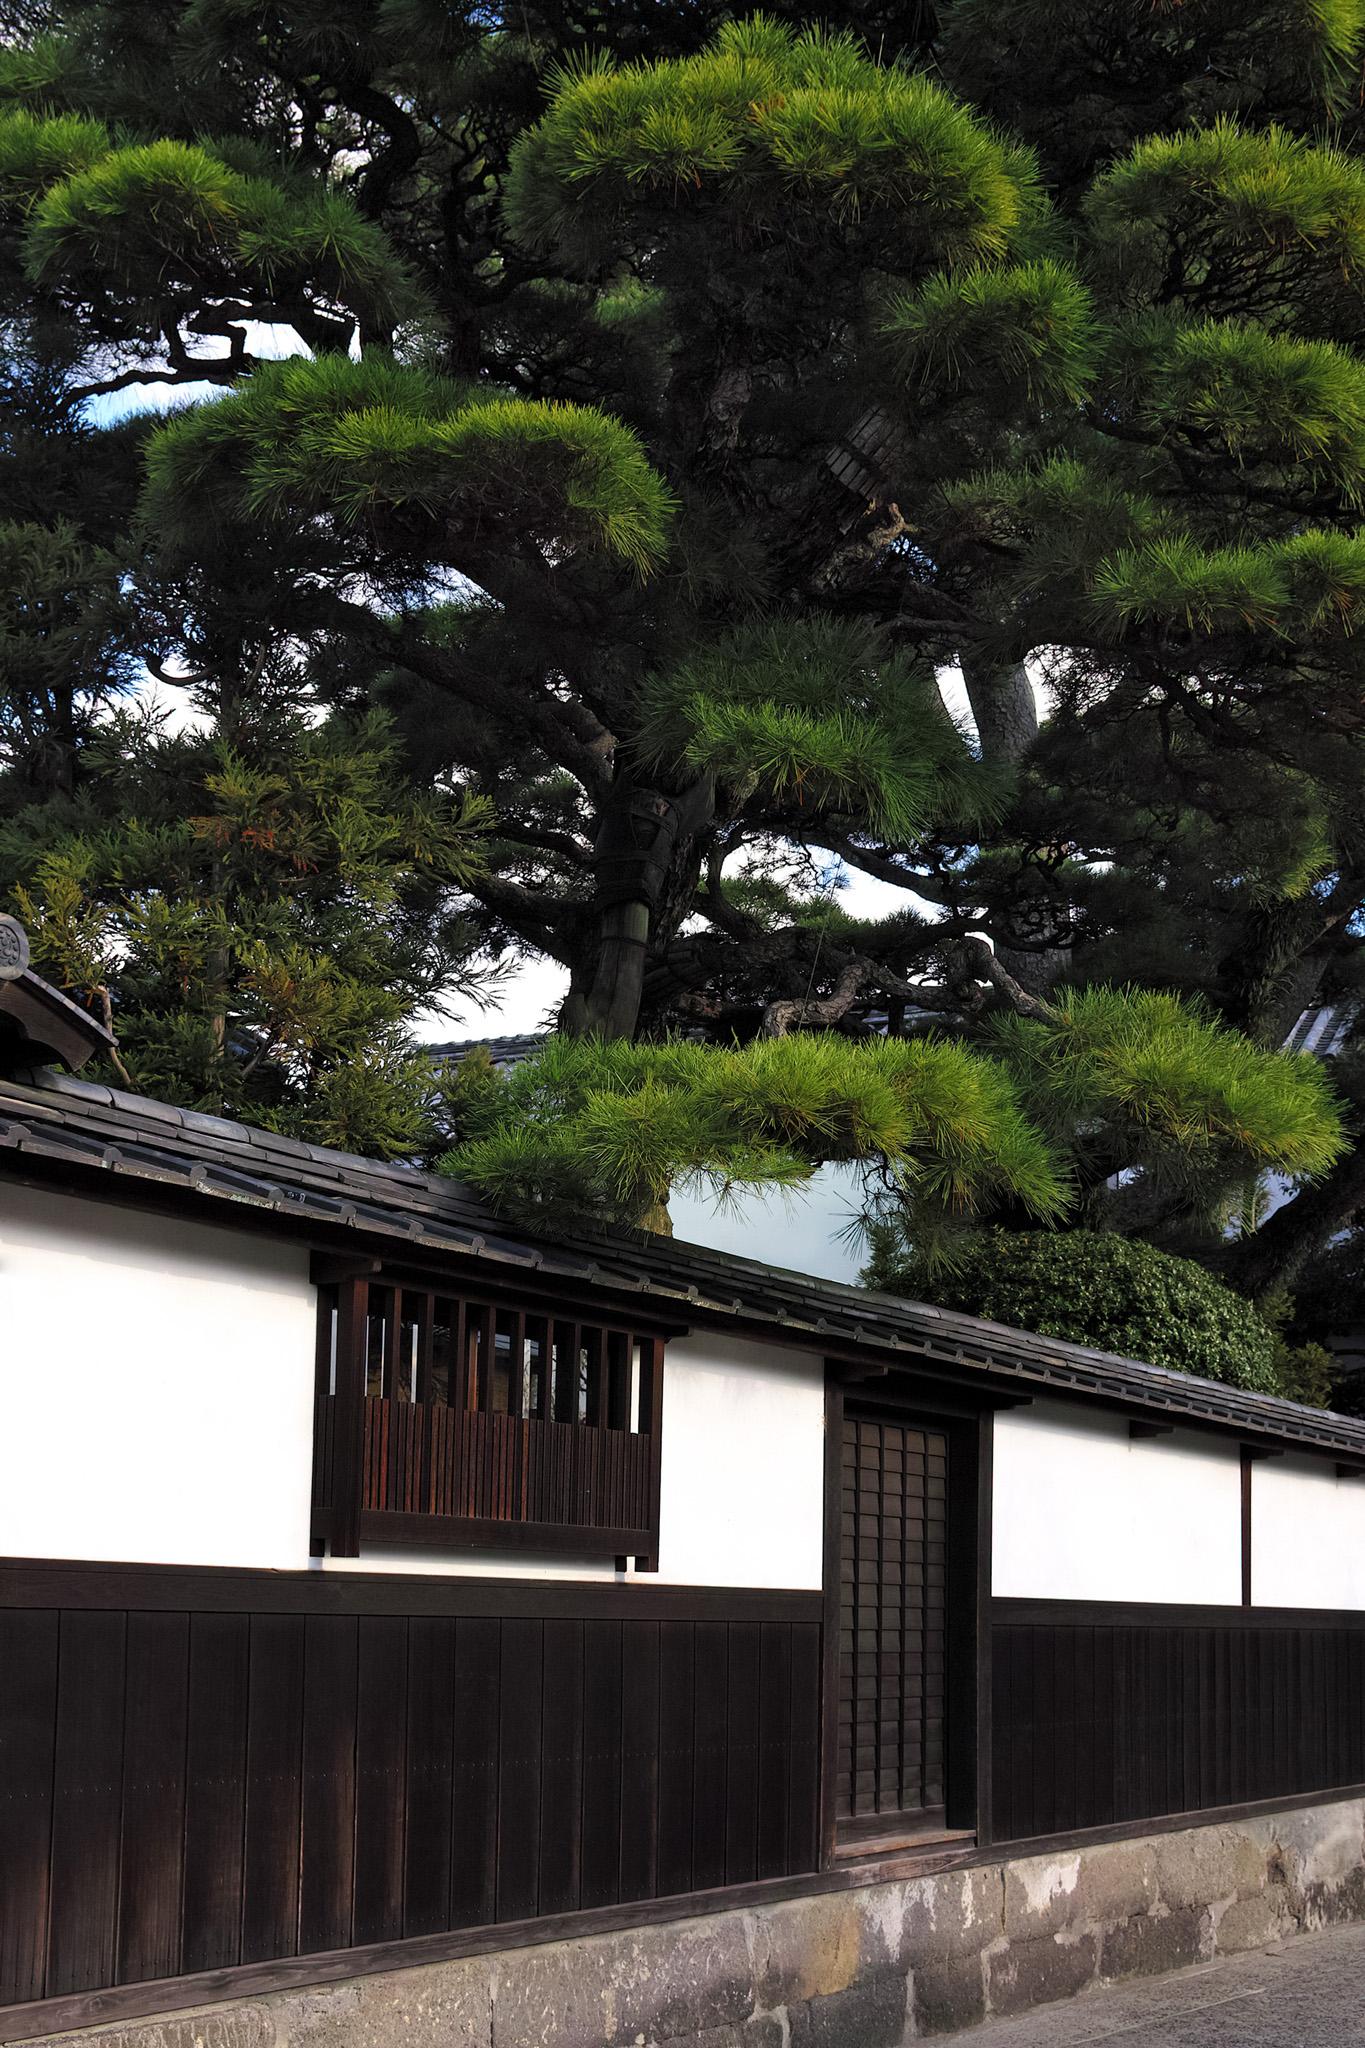 「大きな松のある白壁の屋敷」の素材を無料ダウンロード